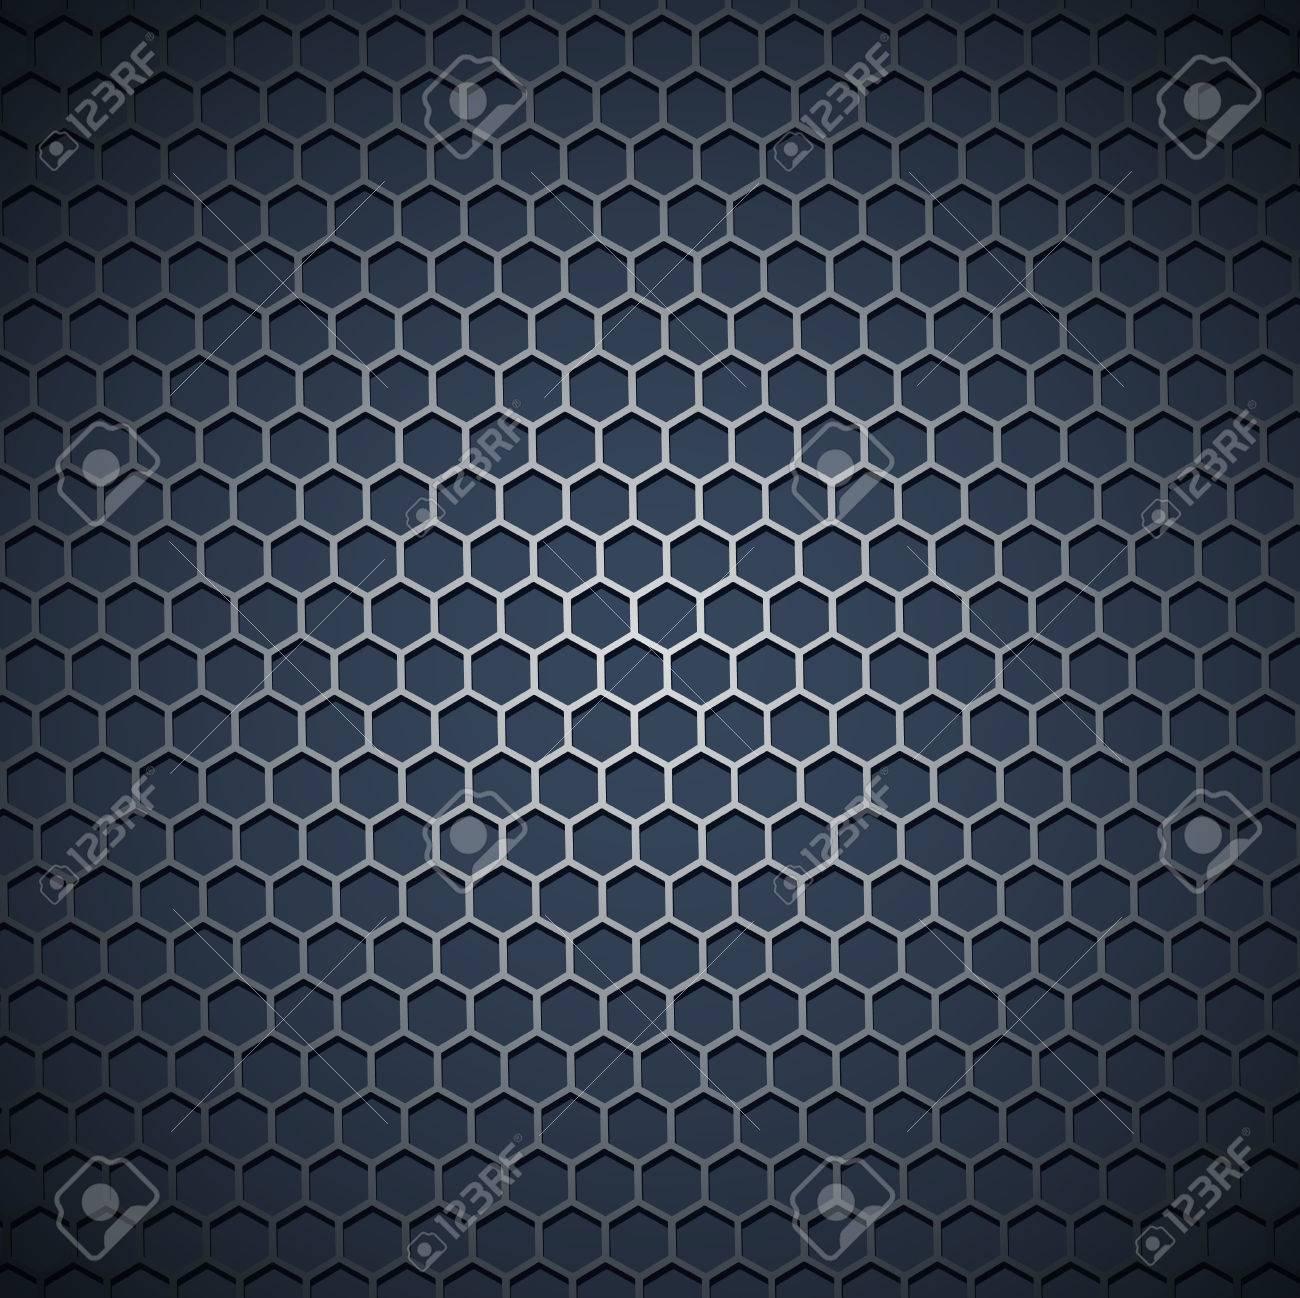 metal grid industrial background - 8928593